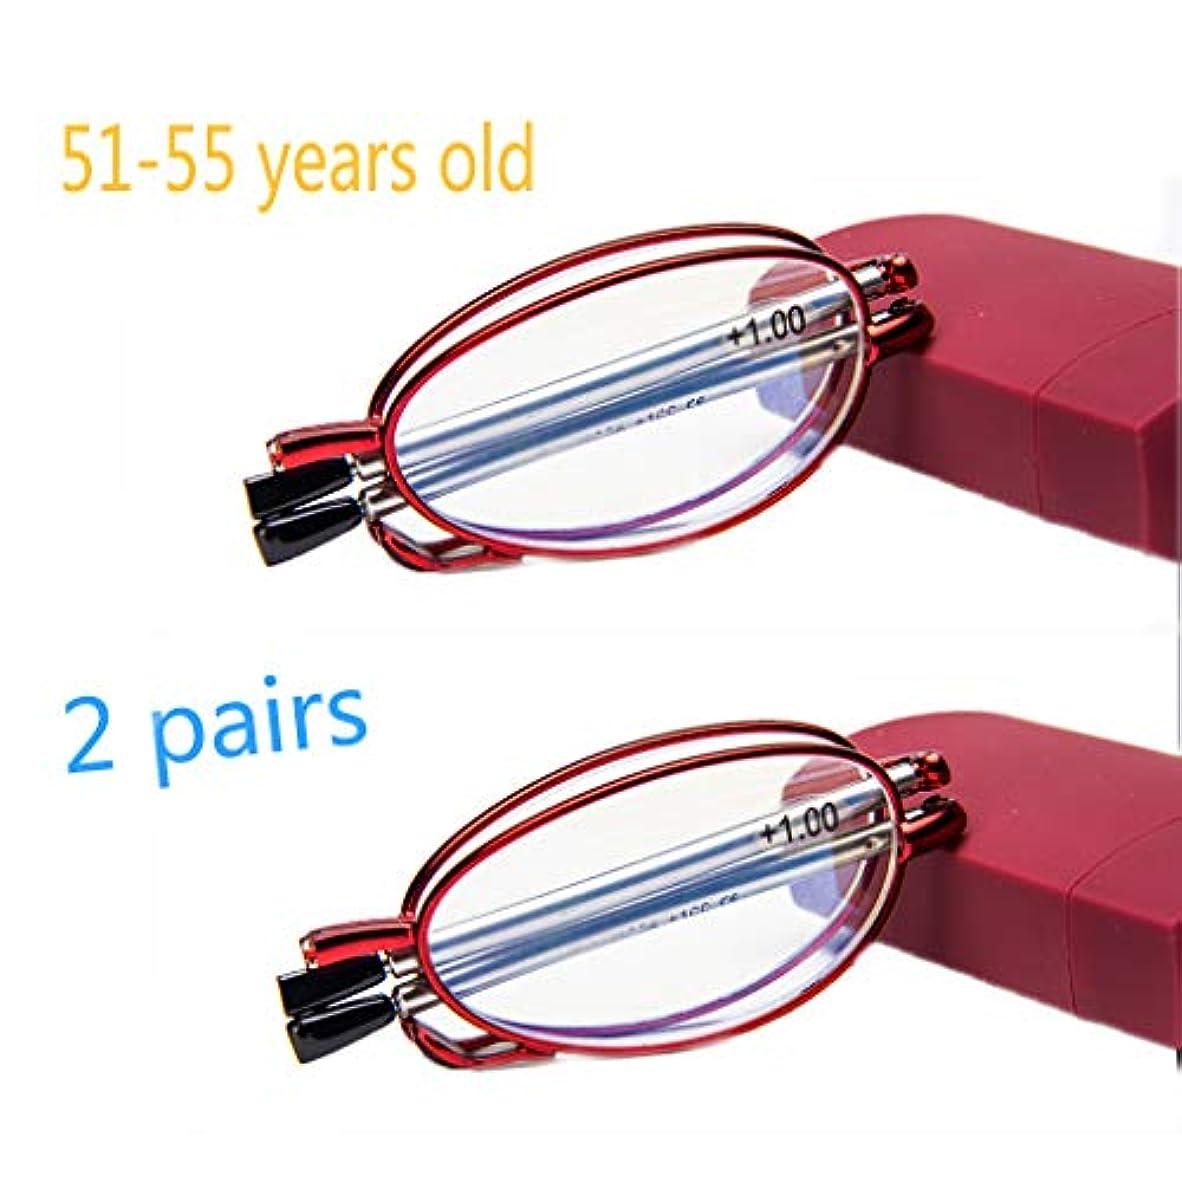 ほこりっぽい免除する鉛HD樹脂アンチブルー老眼鏡、コンパクト老眼鏡。ブロック380-450MM有害な青色光、格納式アーム、金属フレーム、水滴鼻パッド。 (赤、黒)